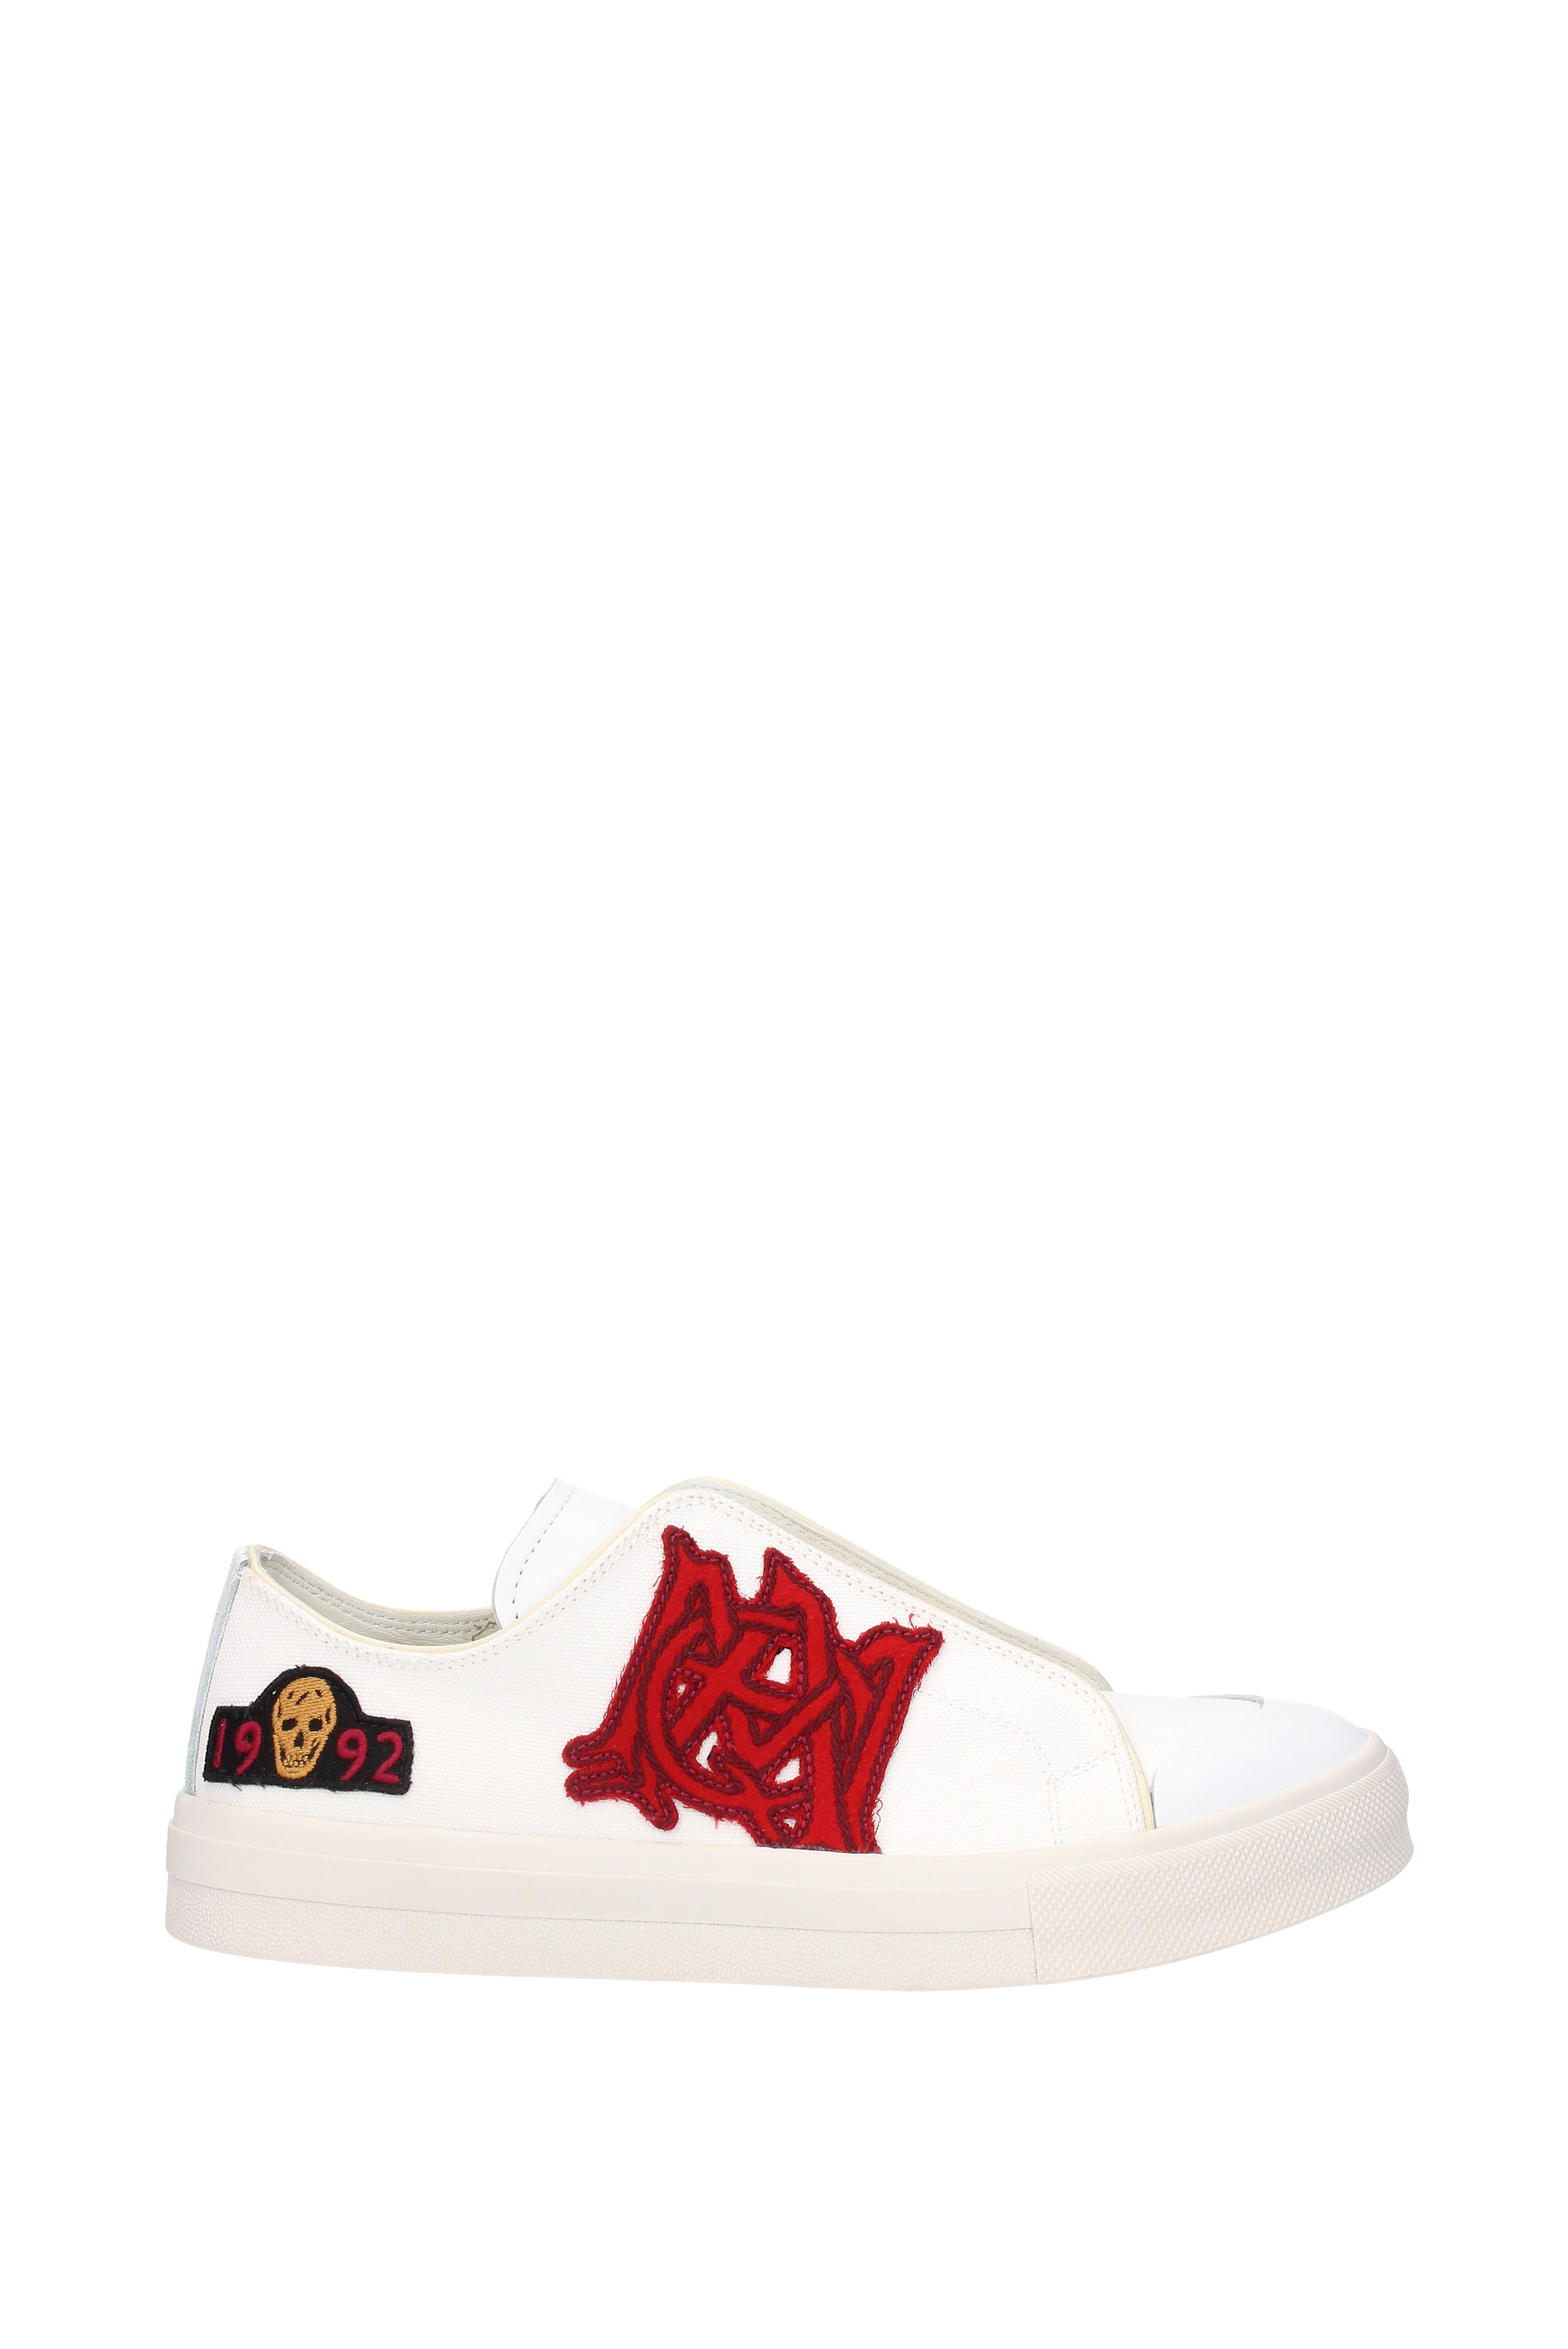 Sneakers-Alexander-McQueen-Herren-Stoff-457335WHJ8C